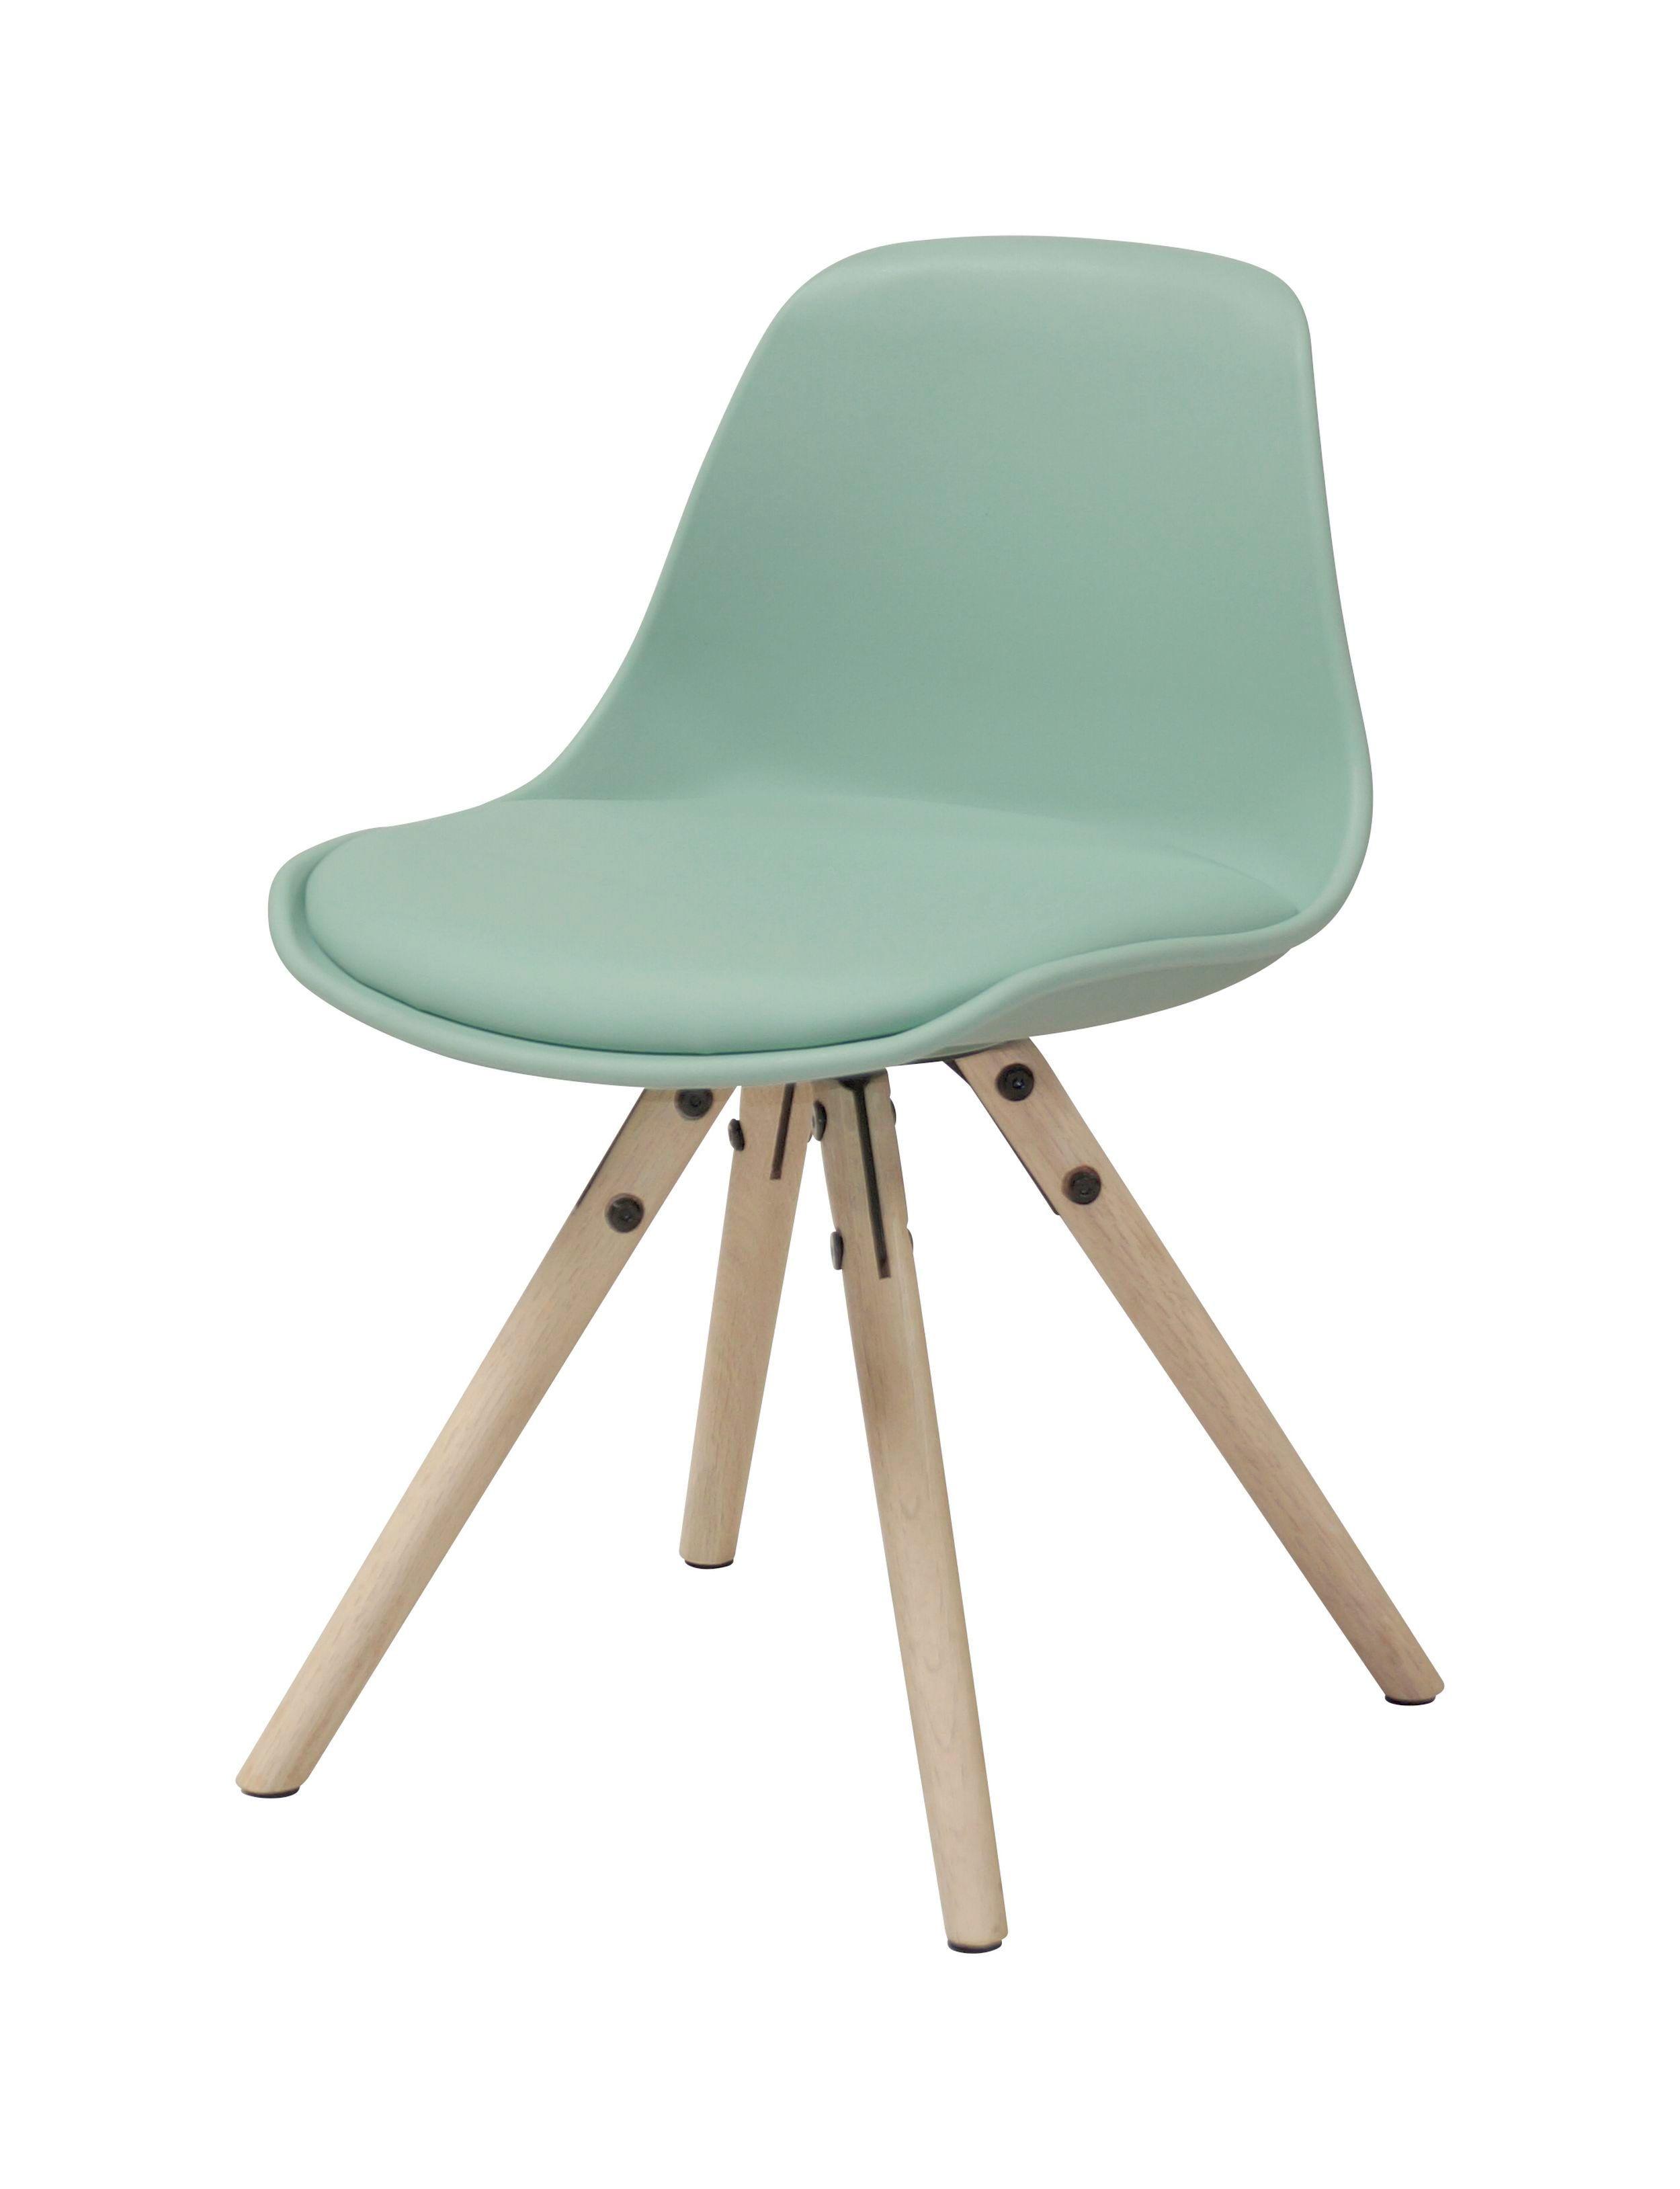 Pour Faire De La Peinture Ou Du Dessin Optez Pour La Chaise Enfant Oslo Vert Disponible En Plusieurs Coloris Sur But Meuble Canape Chaise Enfant Chaise Deco